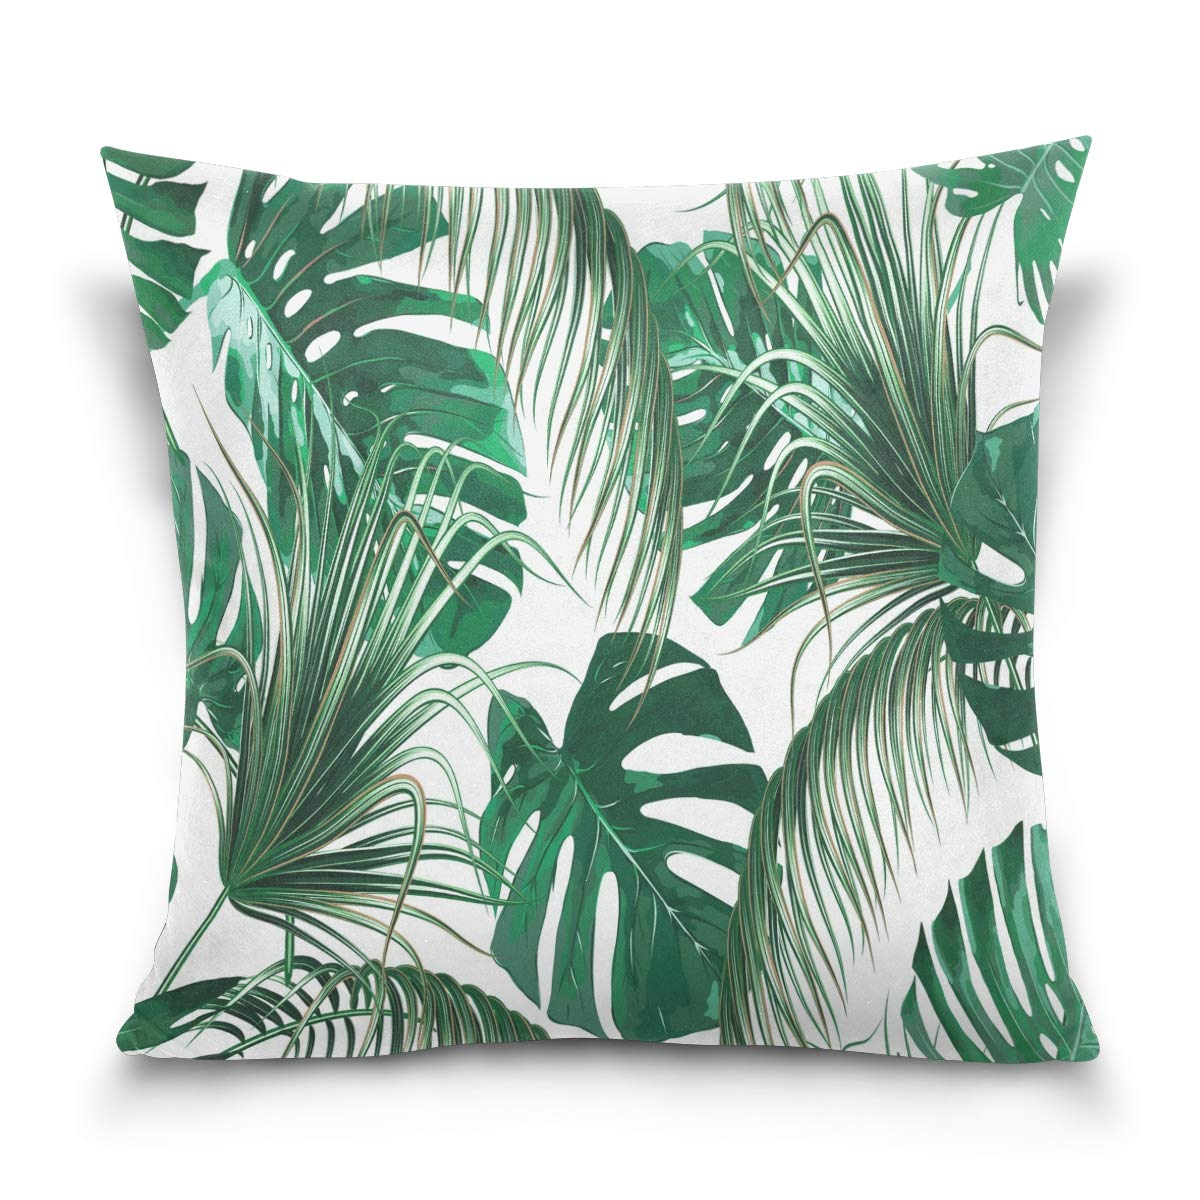 40 x 40cm//16 x 16 inches Use7 Housse de Coussin d/écorative carr/ée Motif Feuilles de Palmier Tropicales Vert Jungle Multicolore Tissu